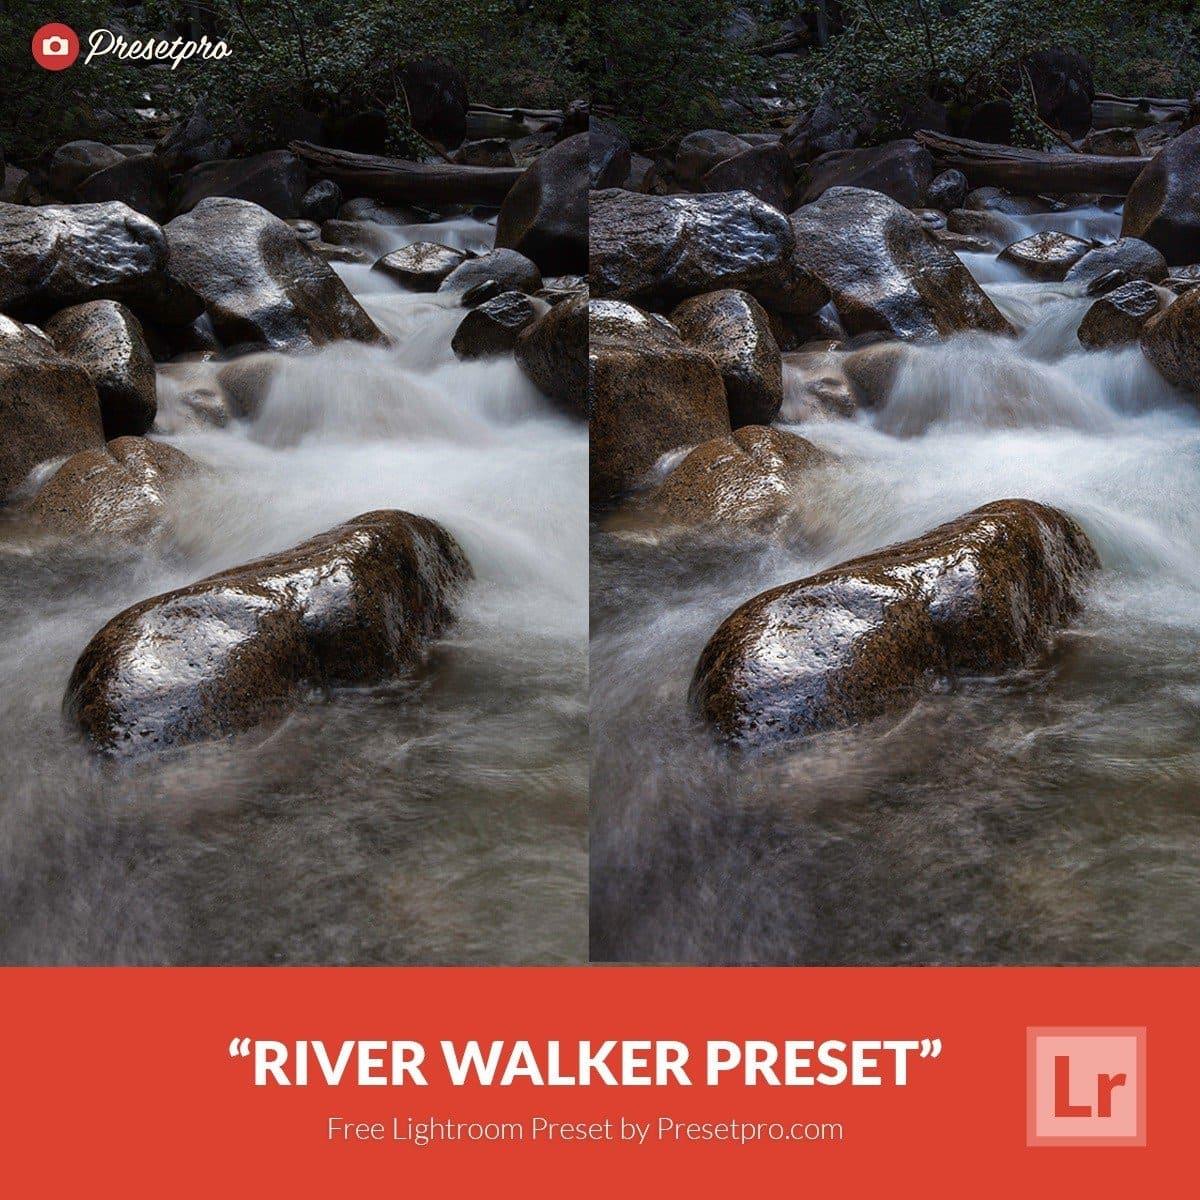 Free-Lightroom-Preset-River-Walker